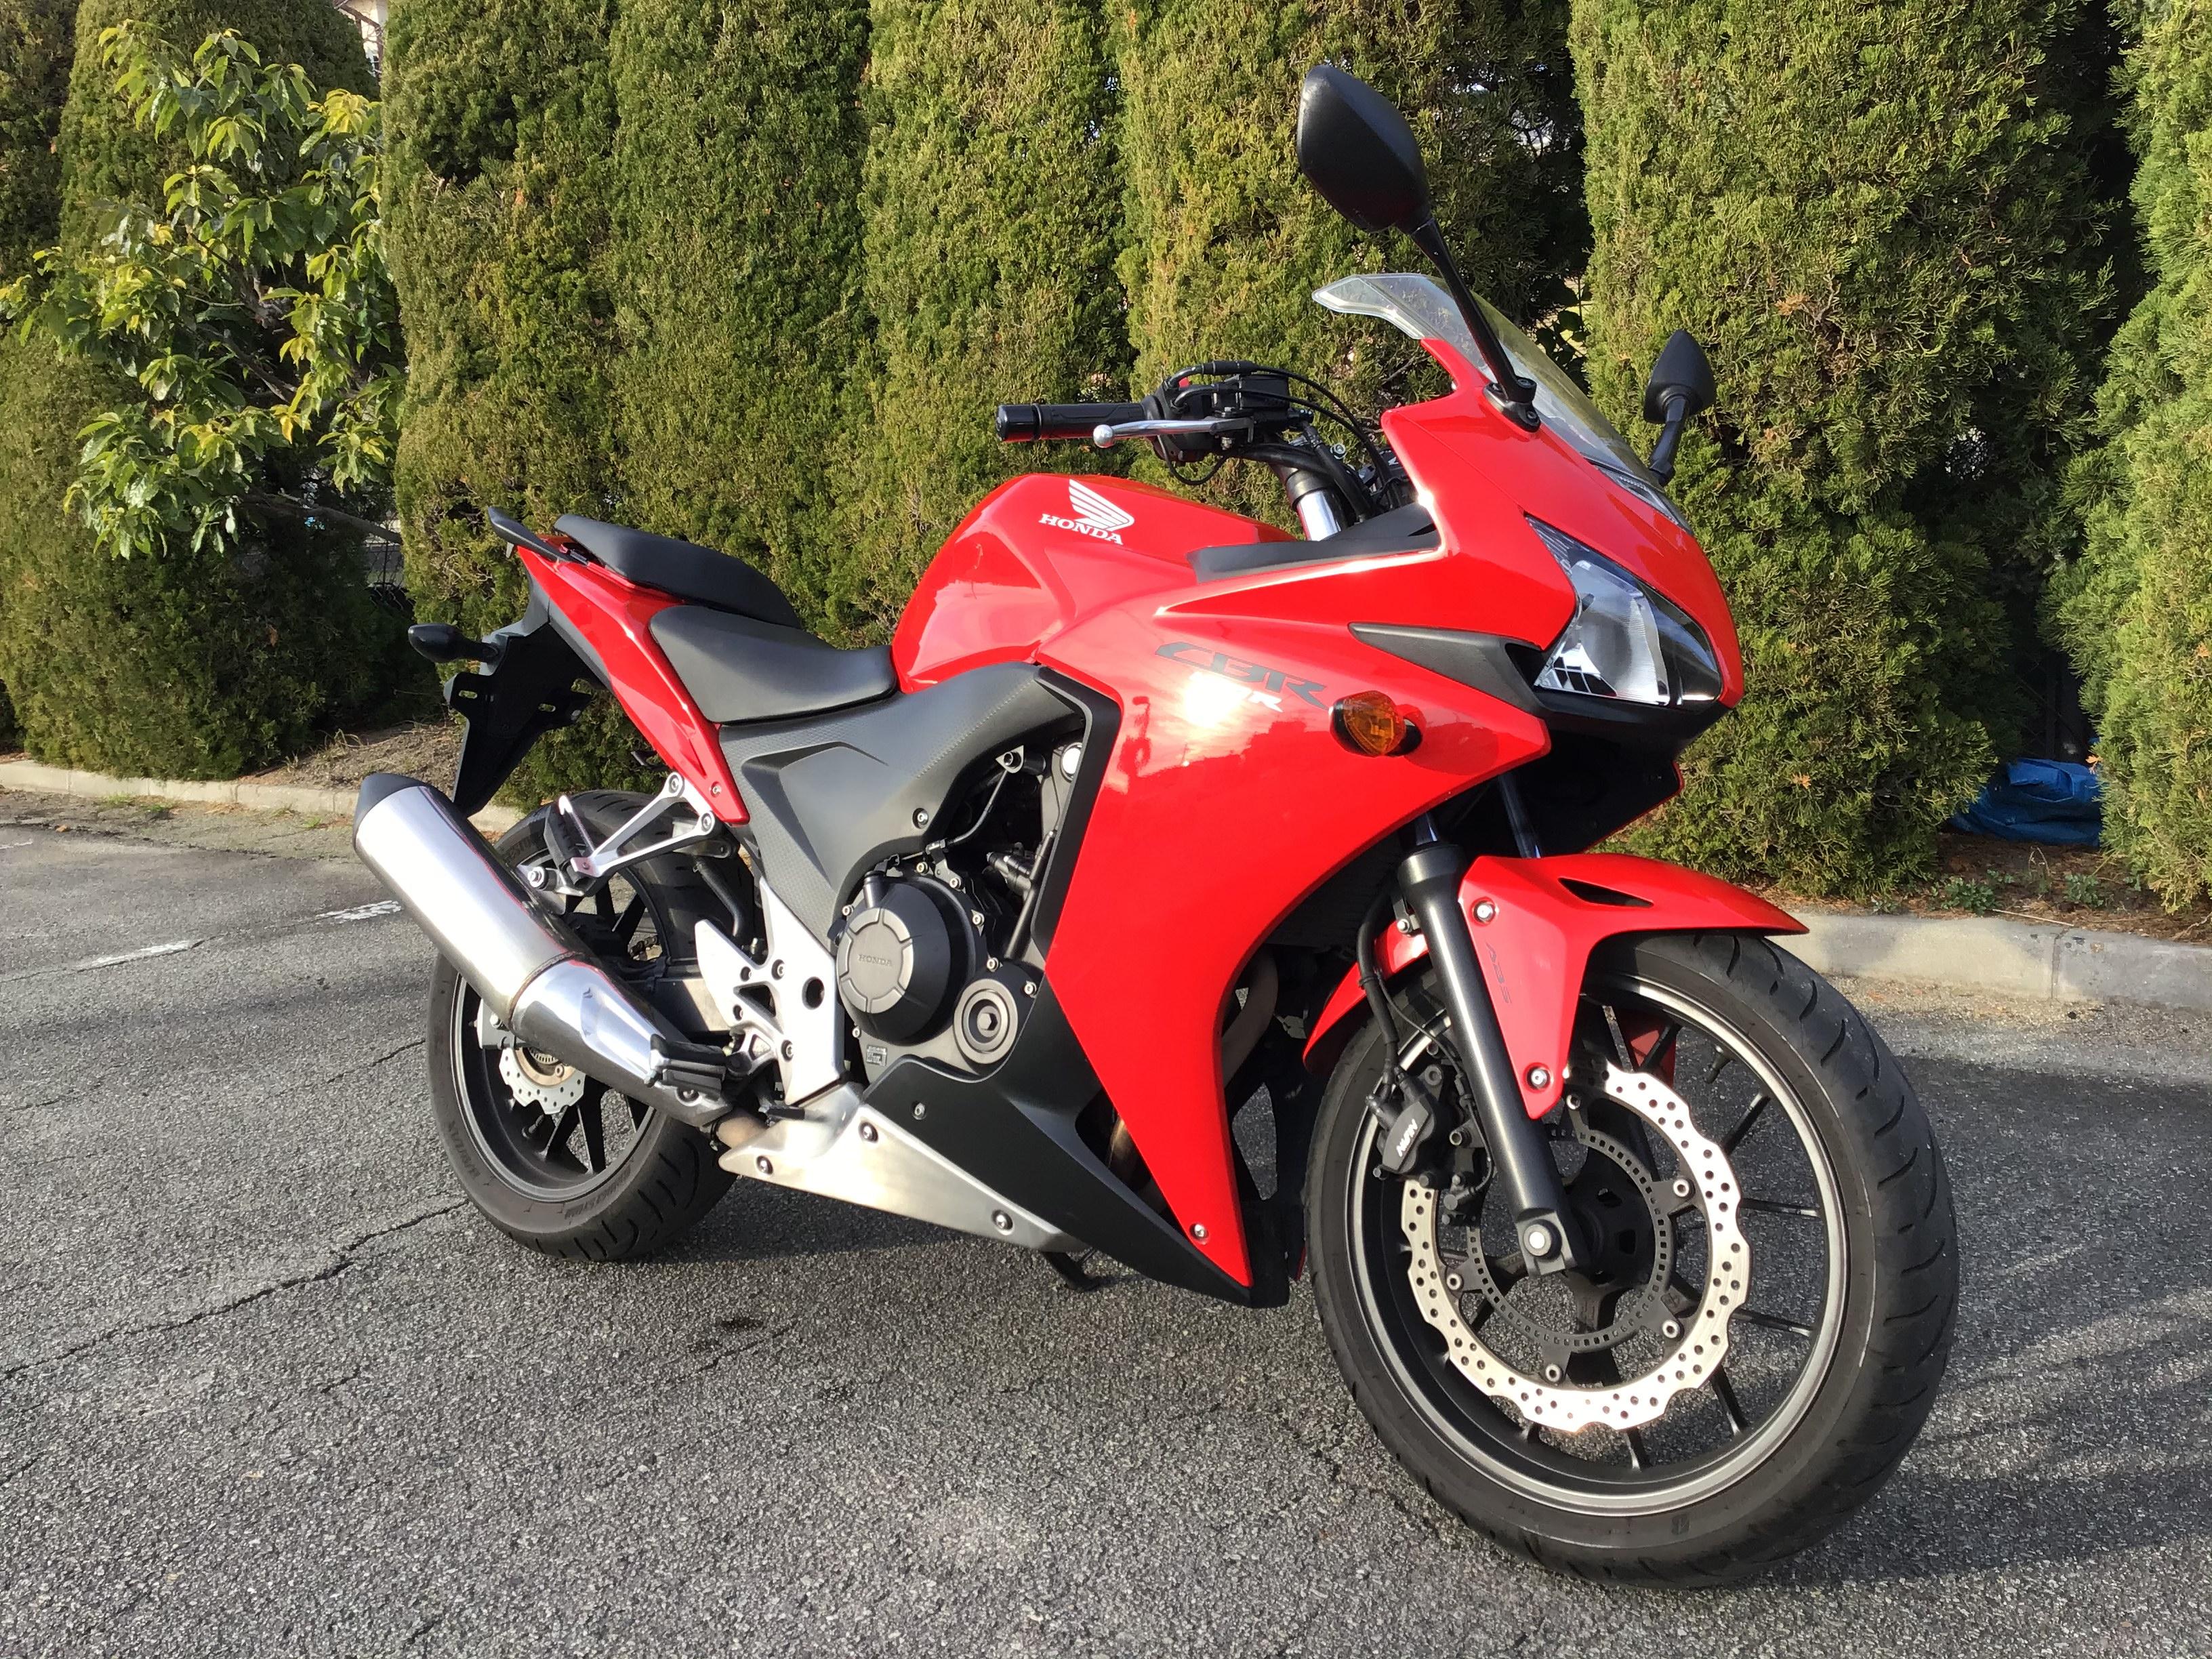 CBR400R - 【公式】レンタルバイクのベストBike® 鳥取砂丘コナン空港